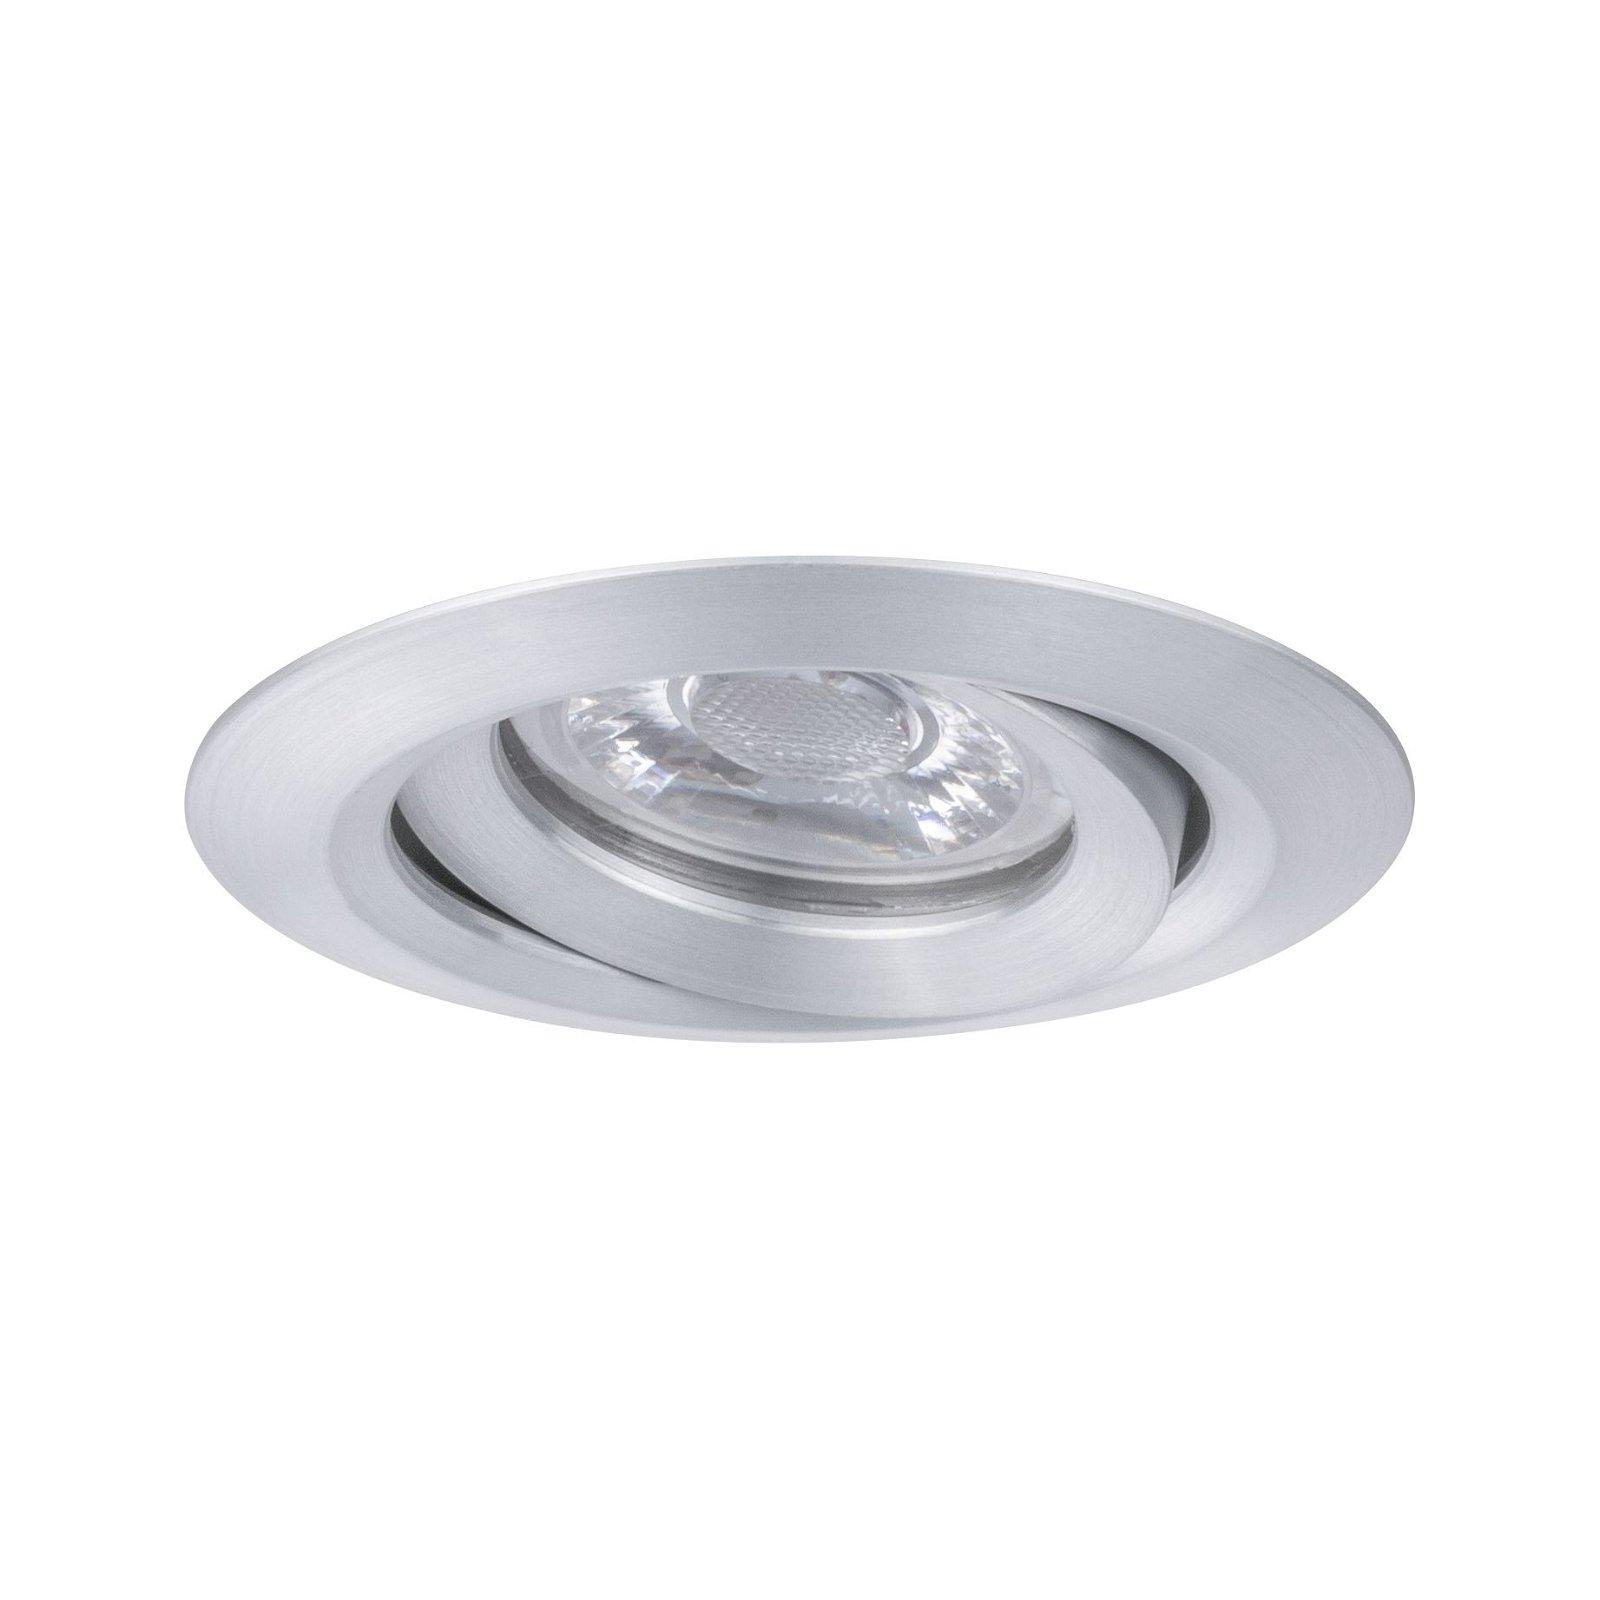 LED Einbauleuchte Nova Mini Coin Einzelleuchte schwenkbar rund 66mm 15° Coin 4W 310lm 230V 2700K Alu gedreht